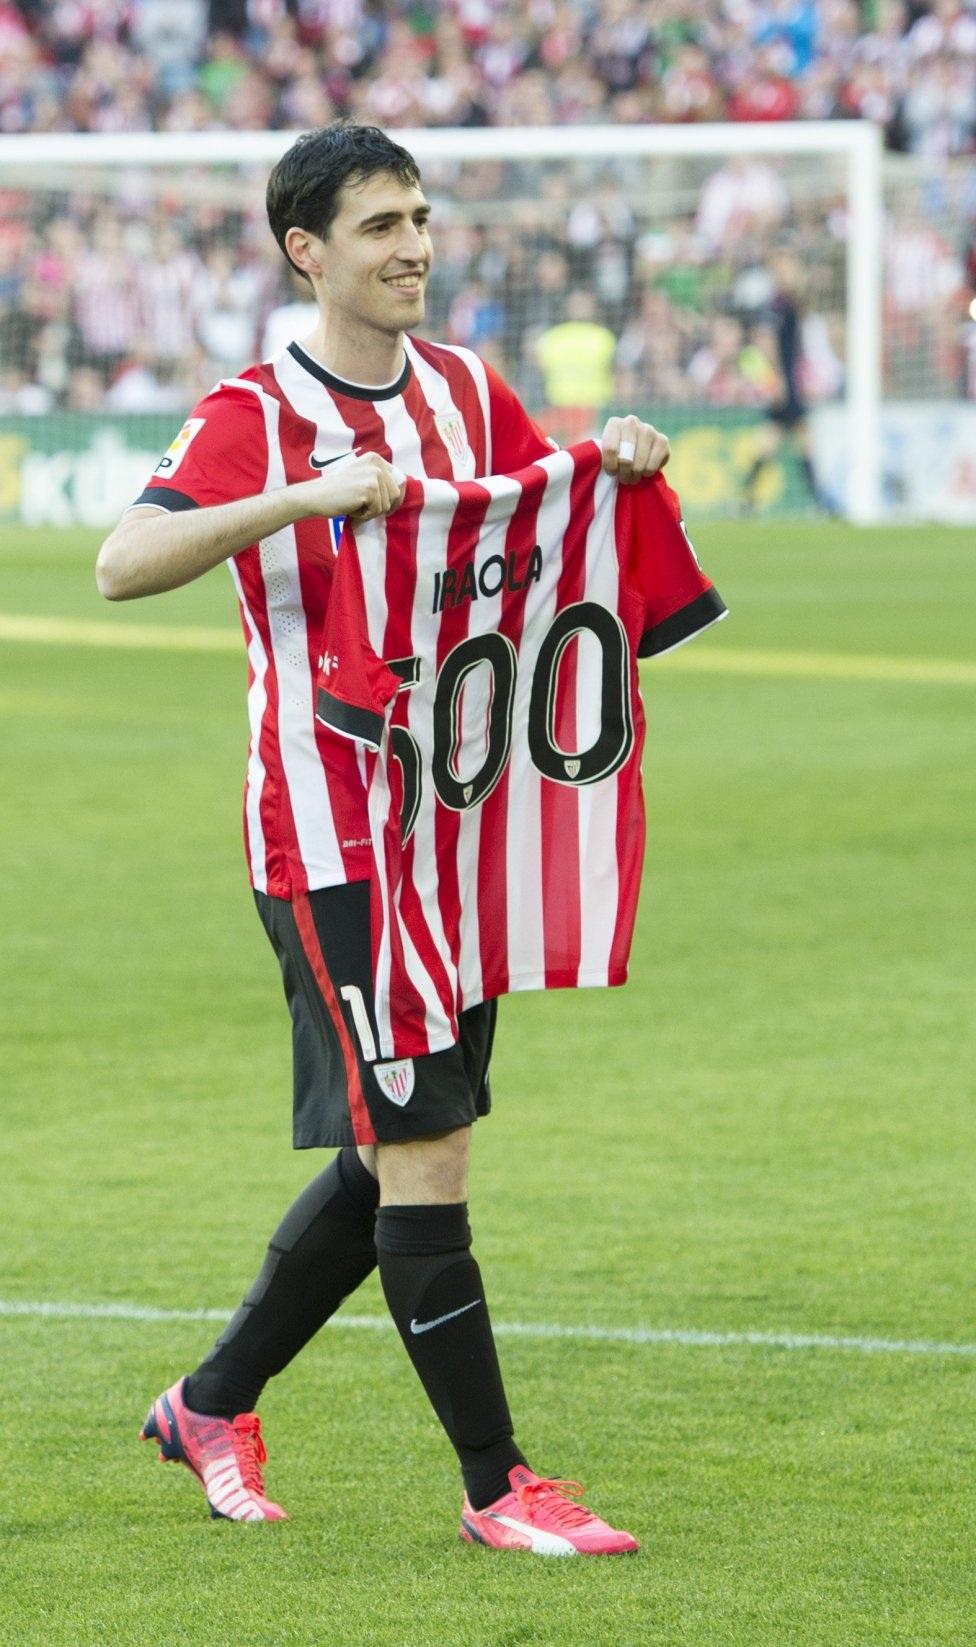 Trận đấu thứ 500 cho Athletic Bilbao của hậu vệ kỳ cựu Pablo Iraola.